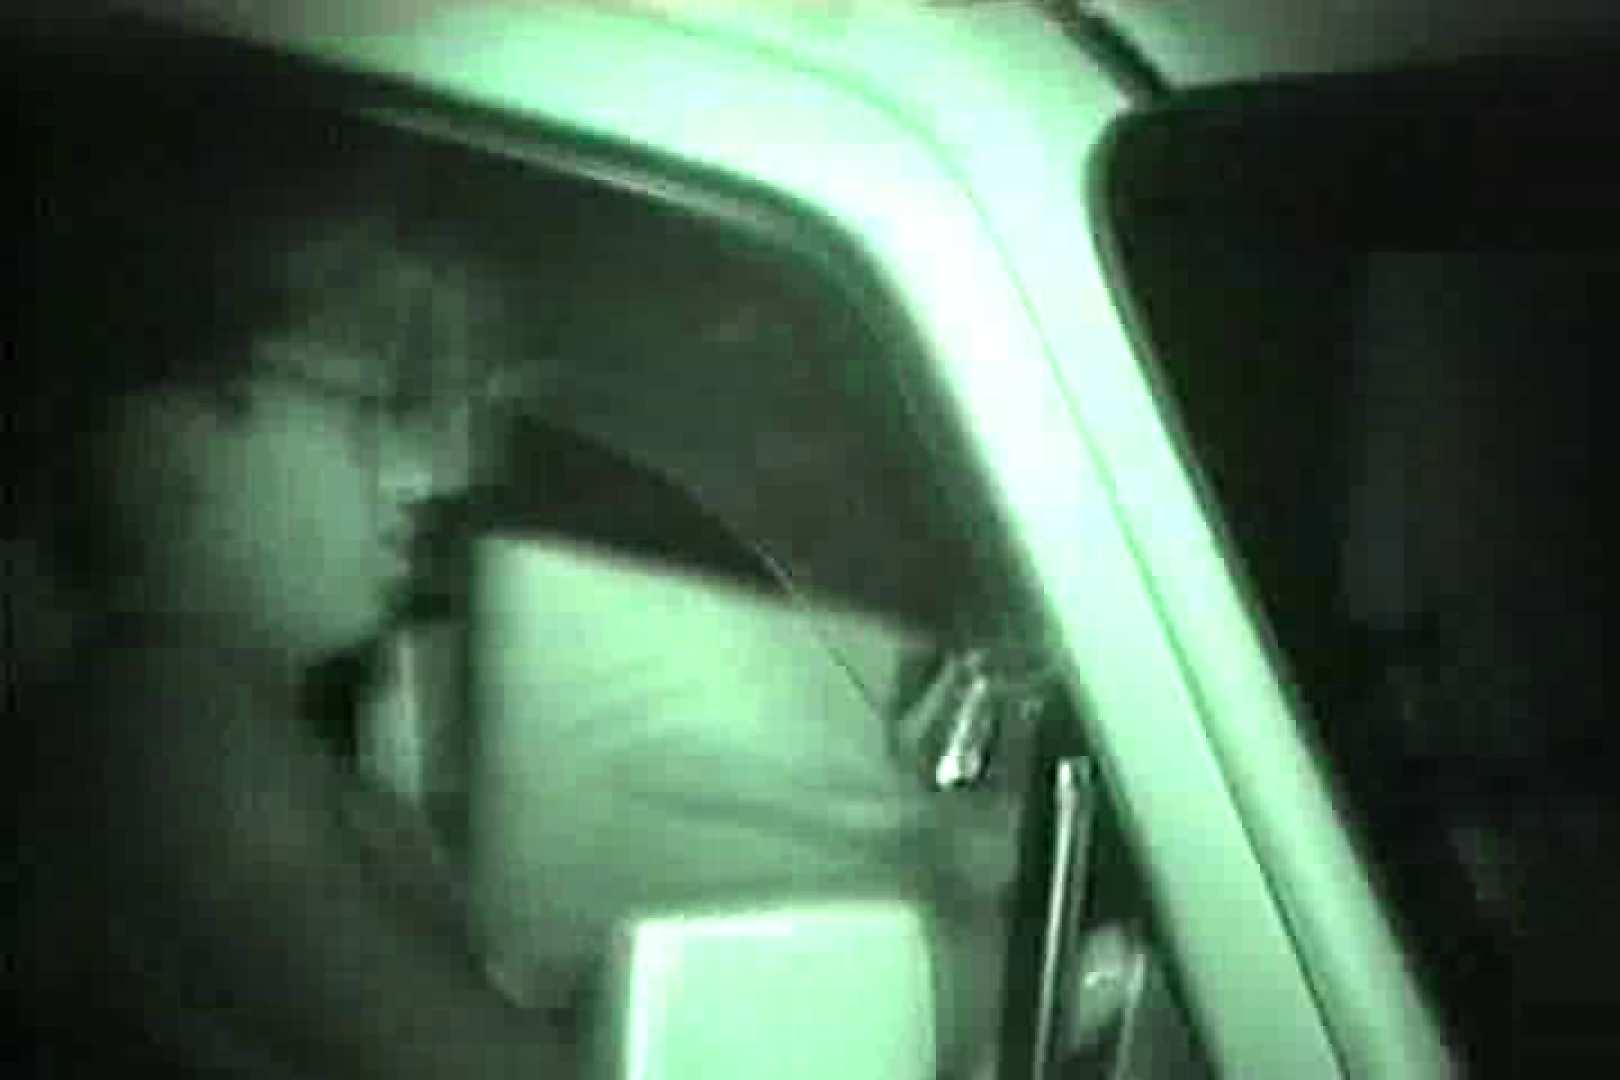 車の中はラブホテル 無修正版  Vol.9 ラブホテル 性交動画流出 88連発 84